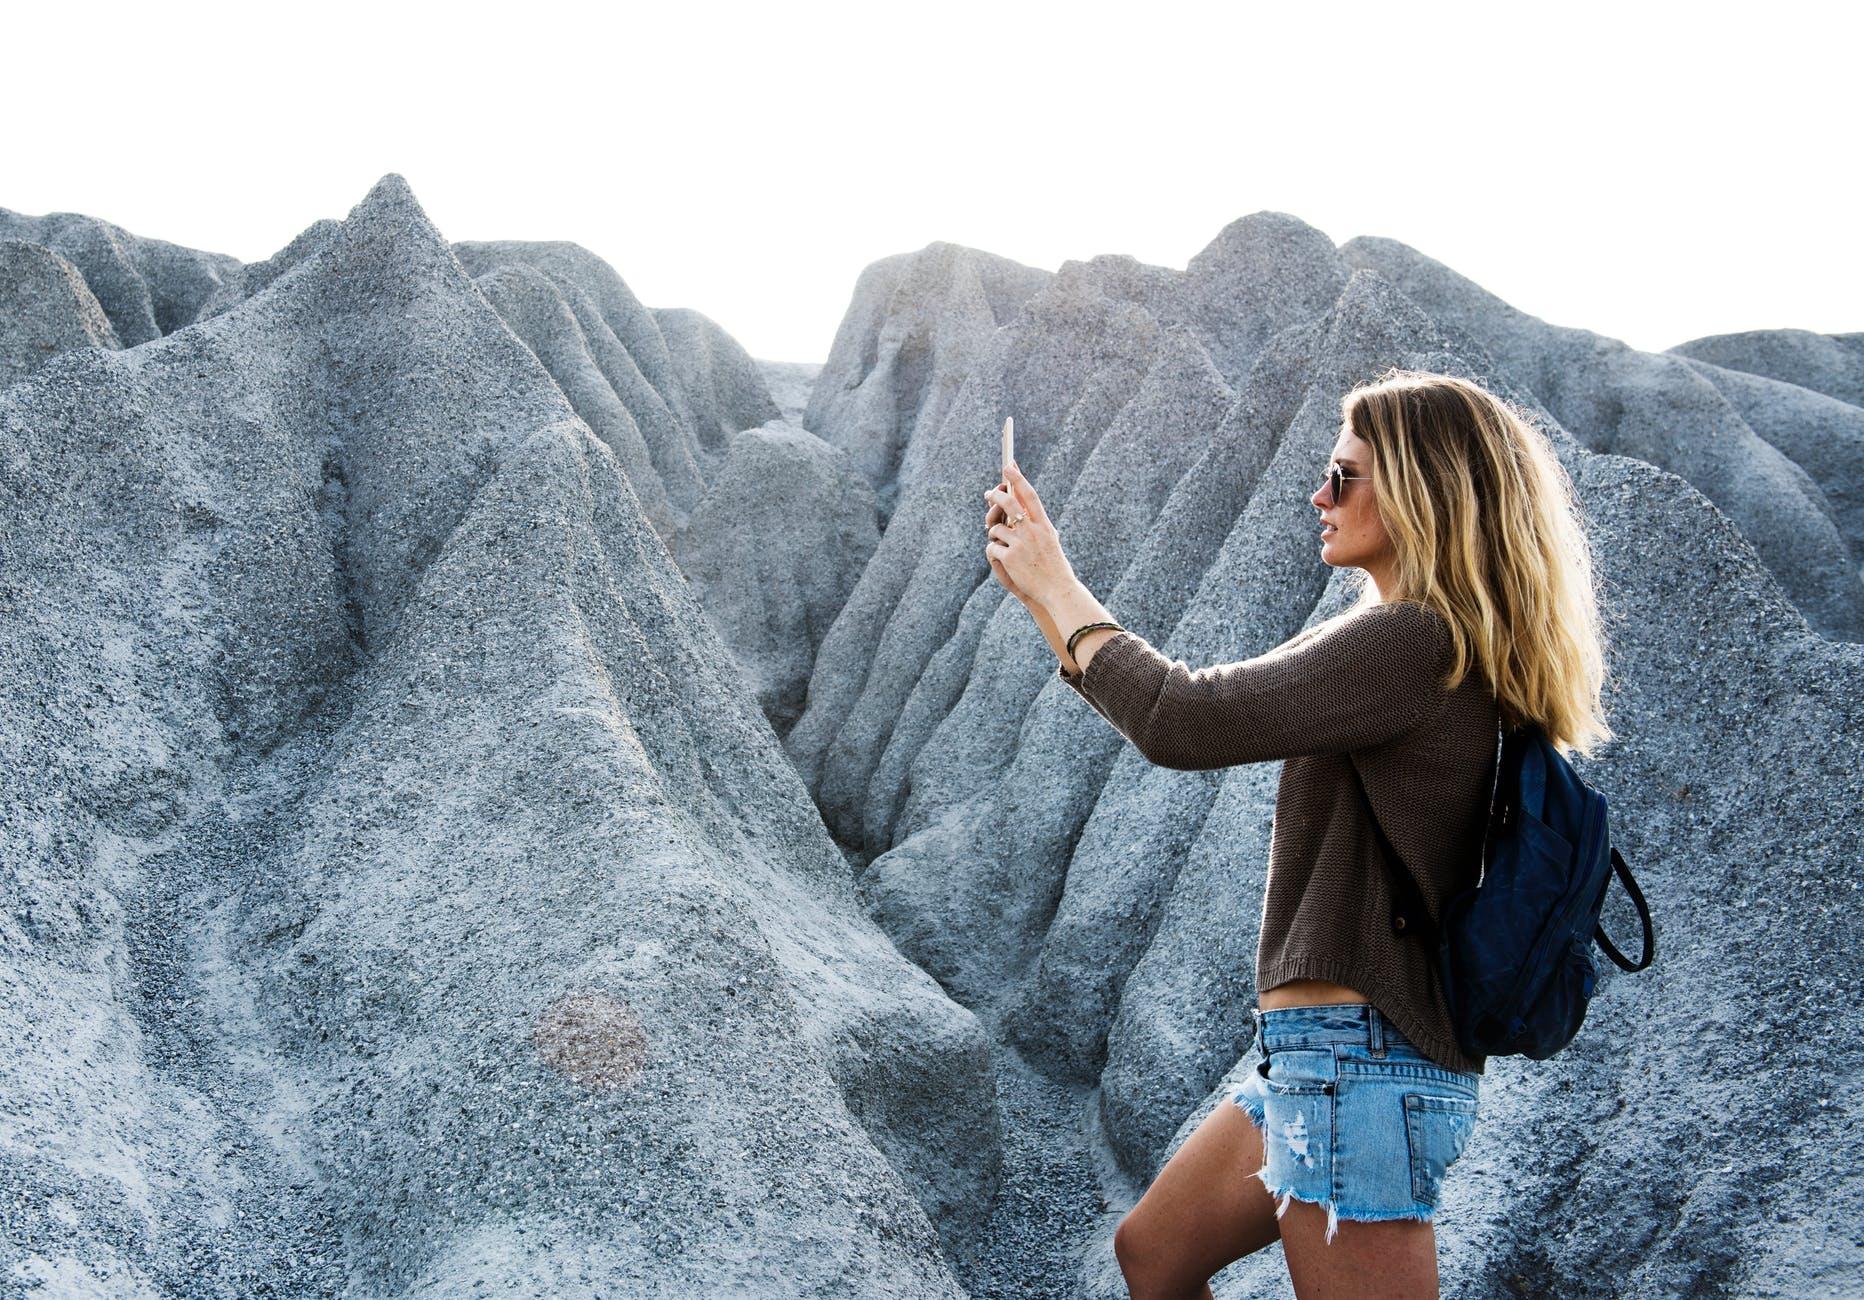 Ετοιμάζω ταξίδι: Οργάνωση με tips και travel gadgets